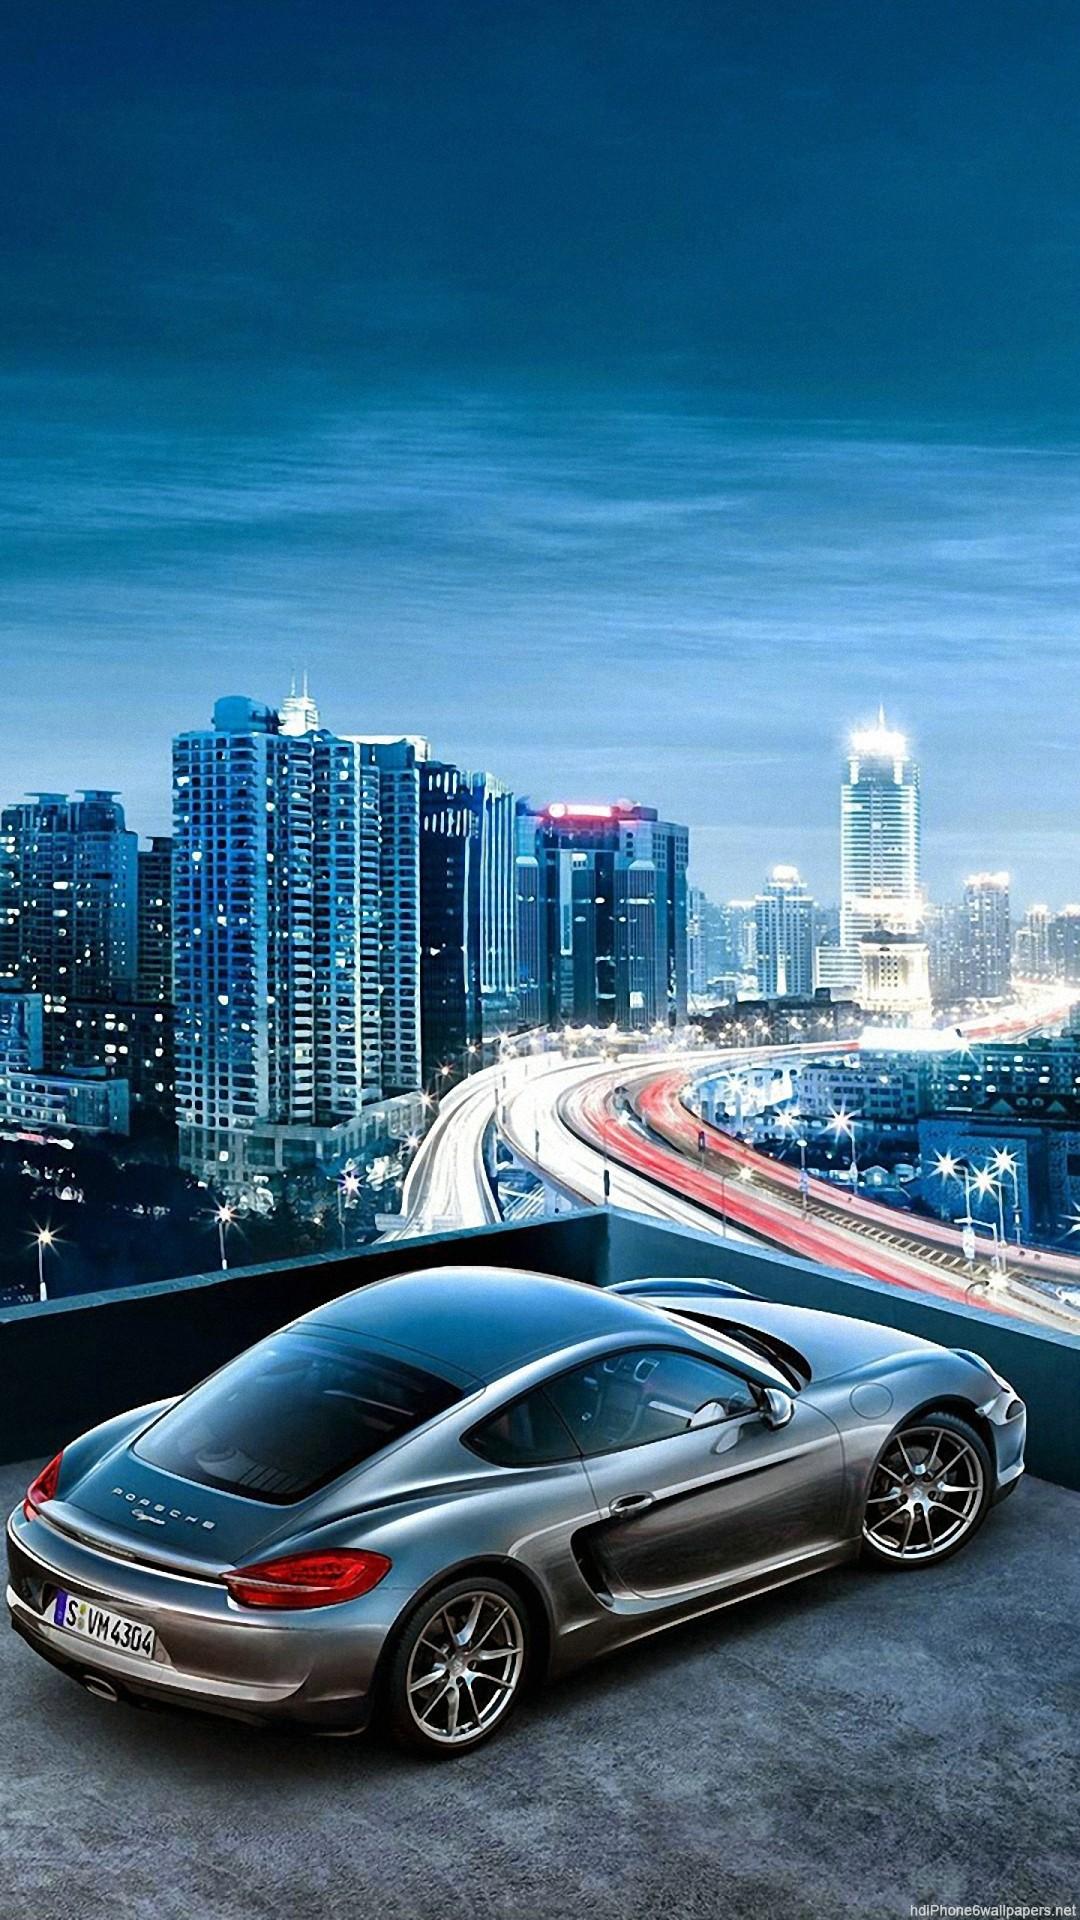 HD porsche car sky city view iphone 6 wallpaper